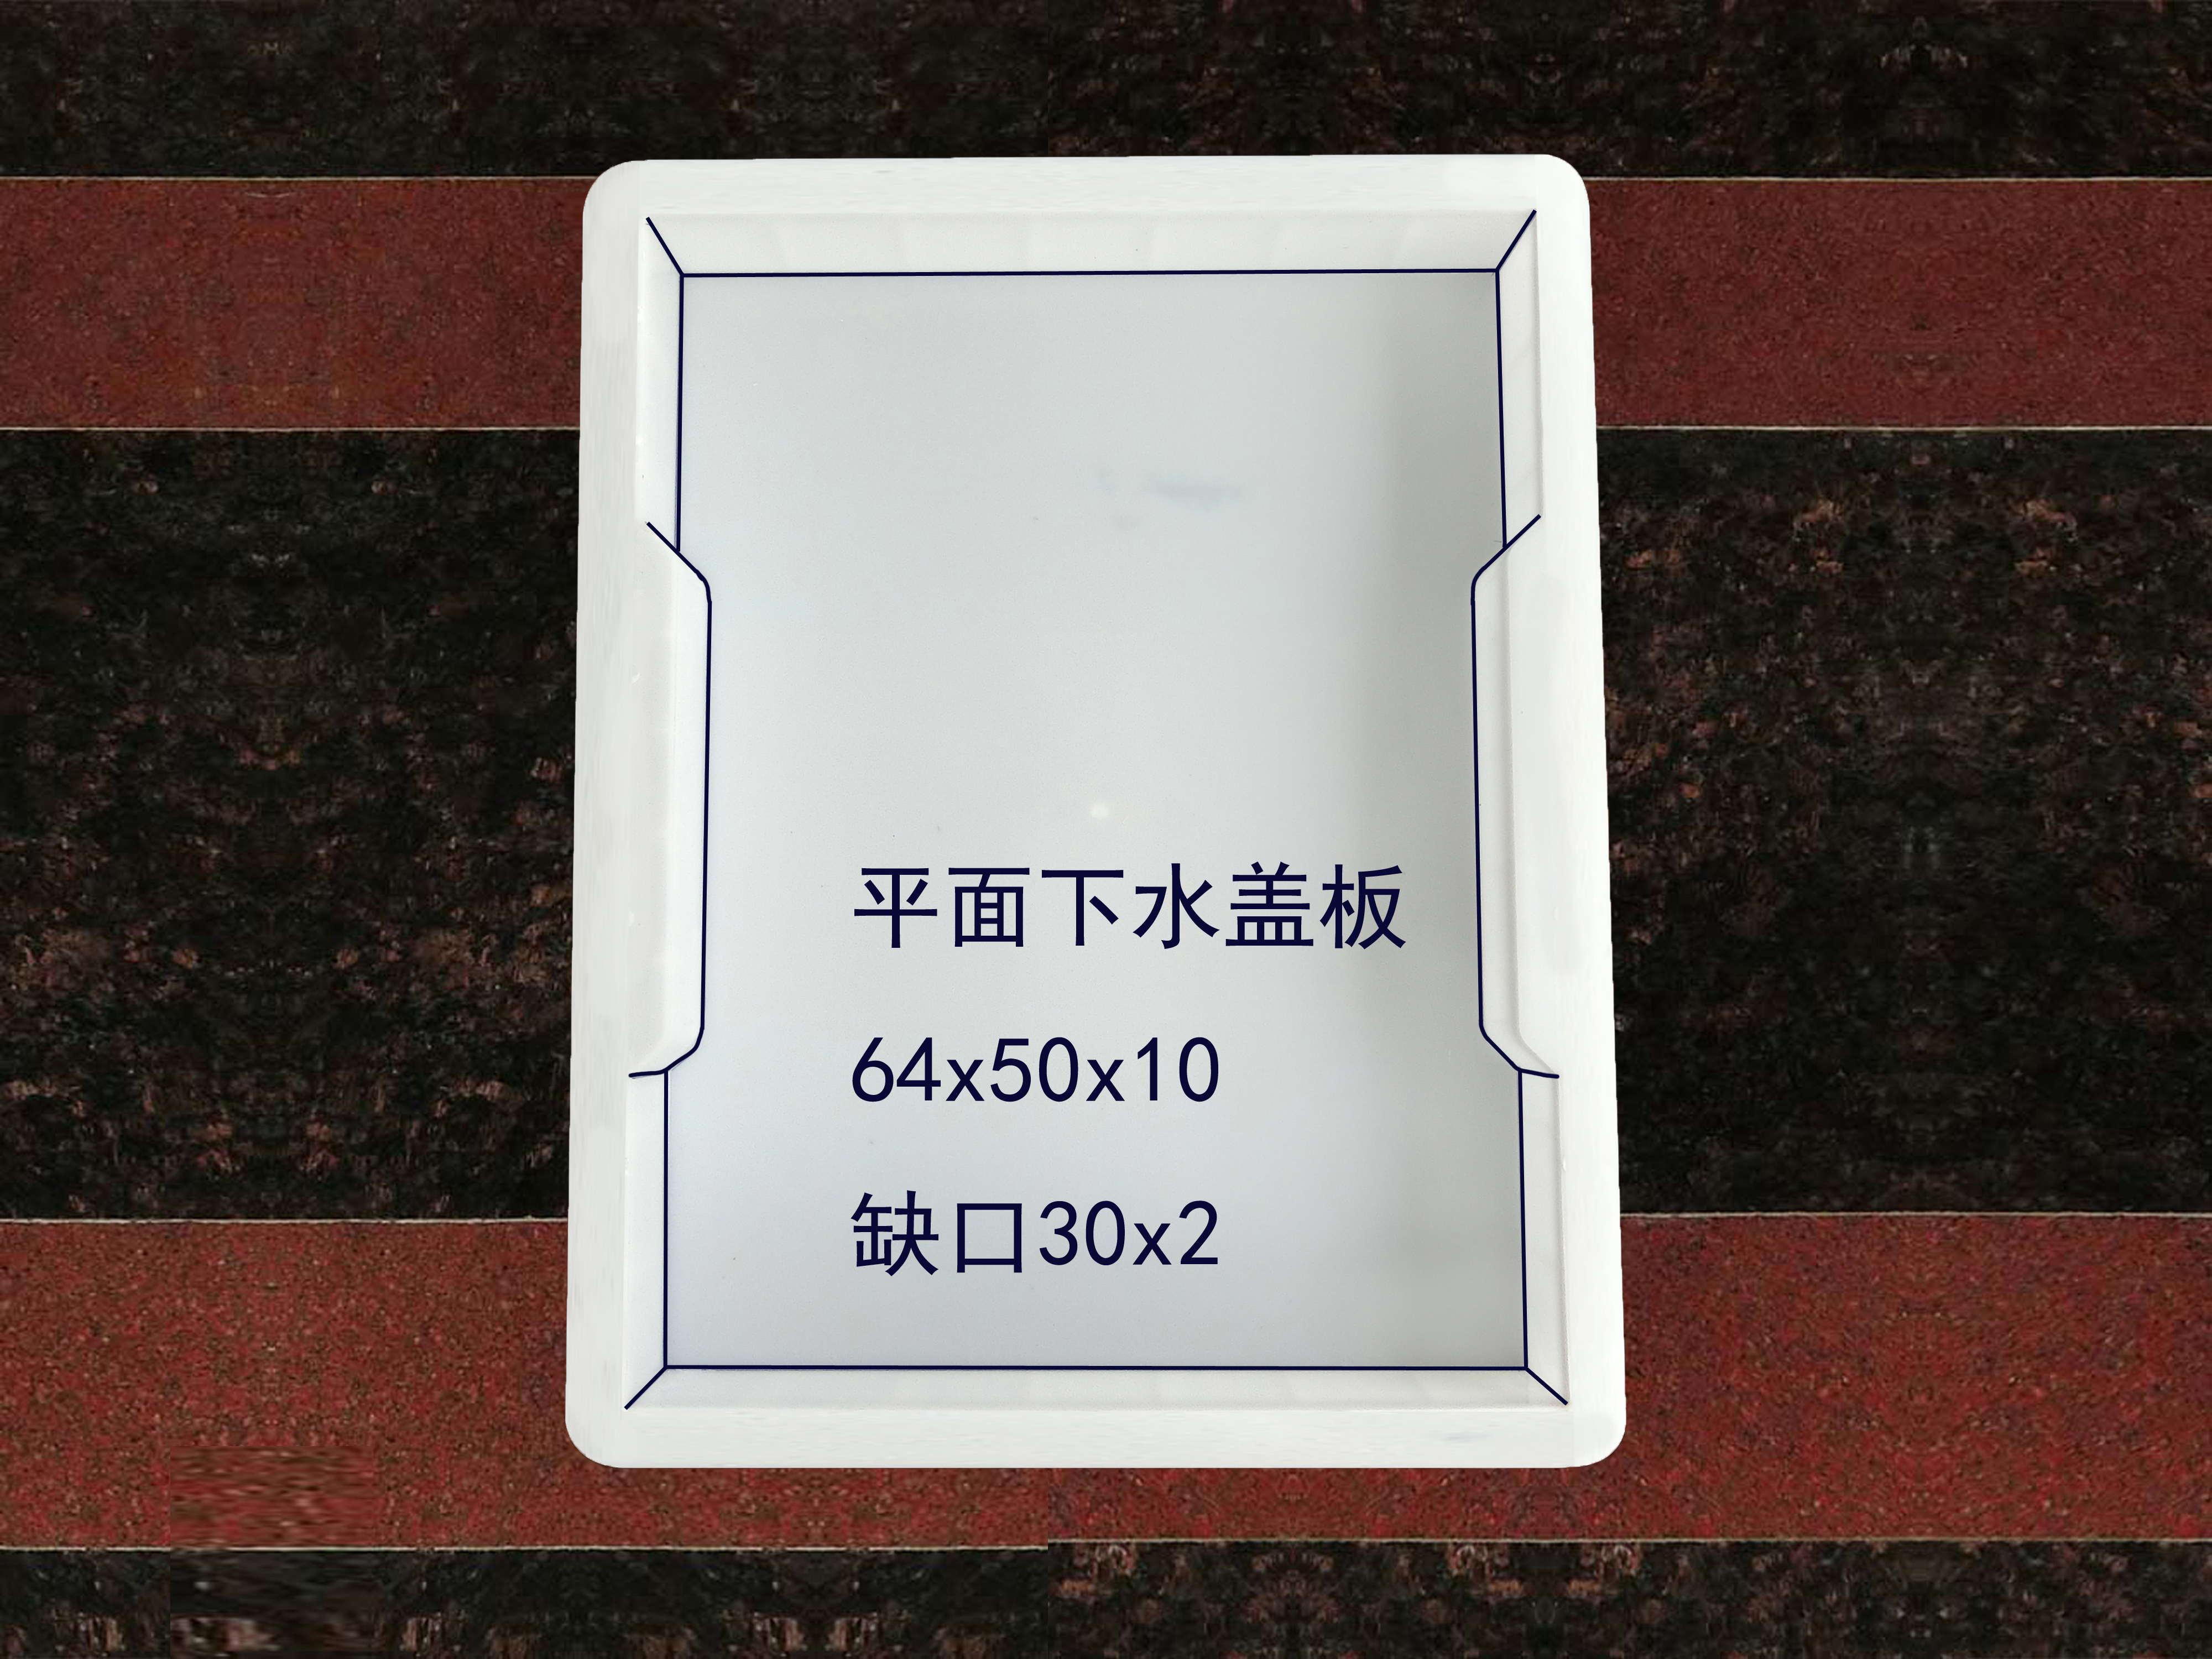 平面下水盖板:64x50x10(1720g)